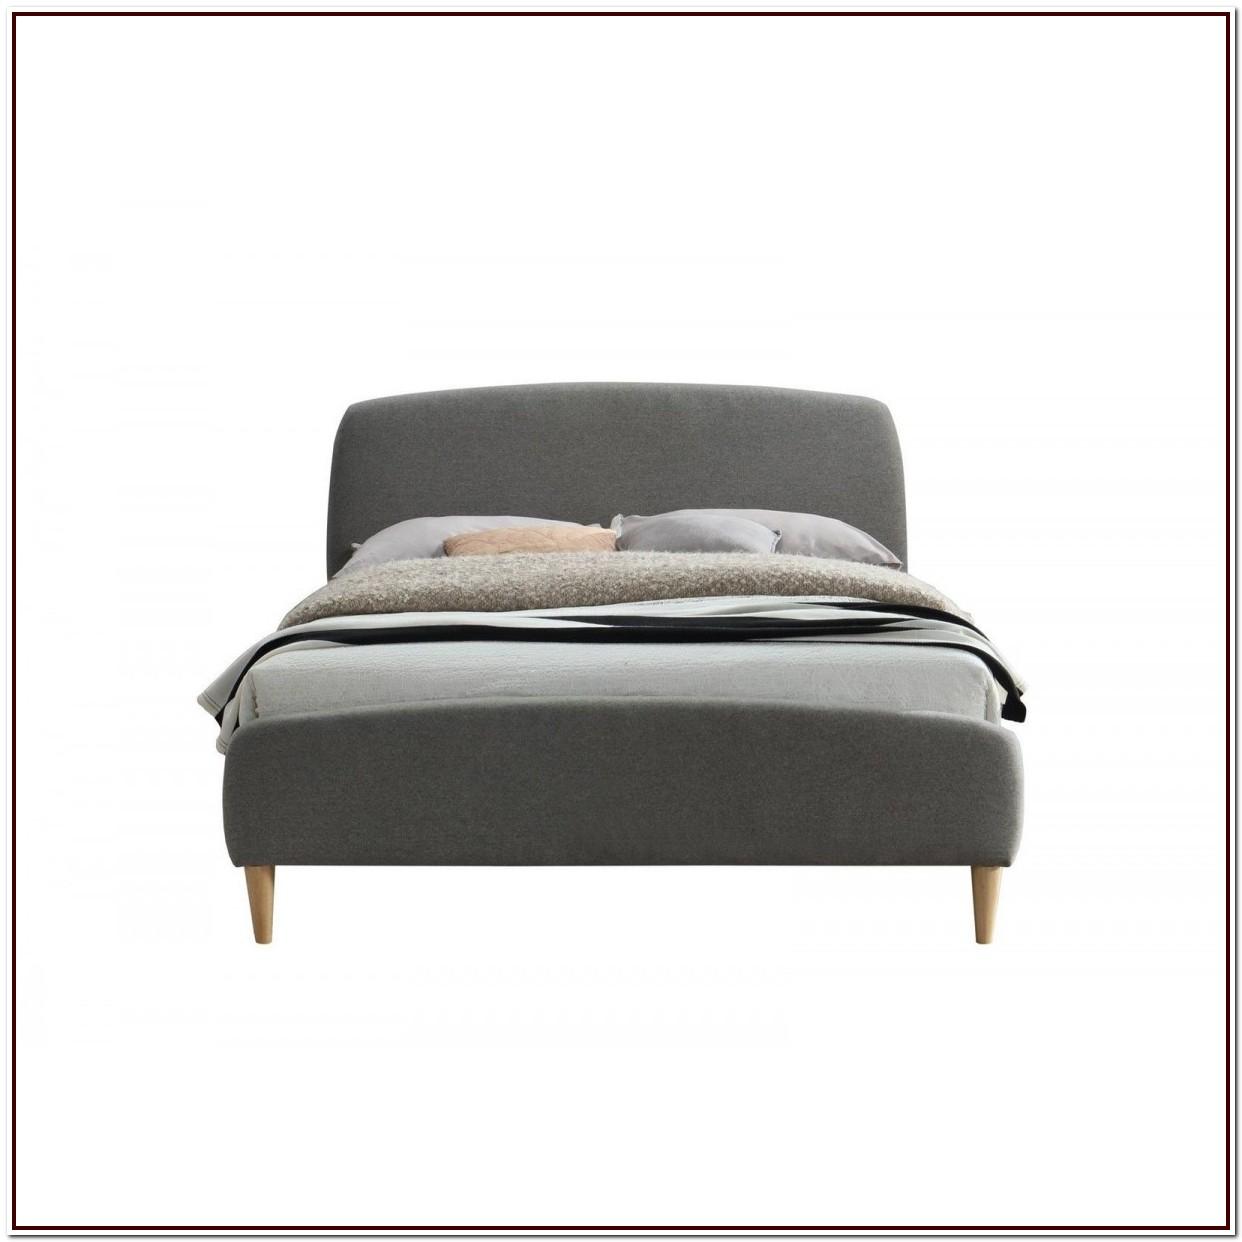 Grey Upholstered King Bed Frame